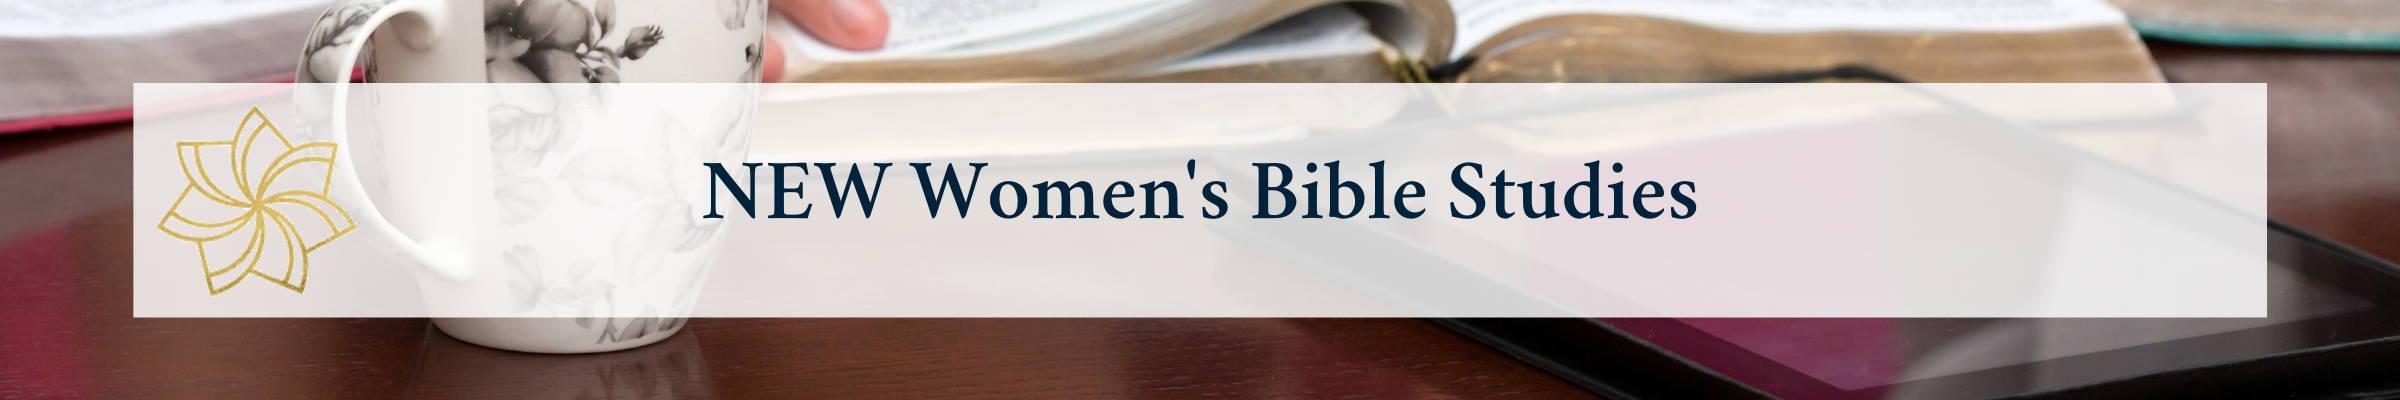 New Women's Bible Studies